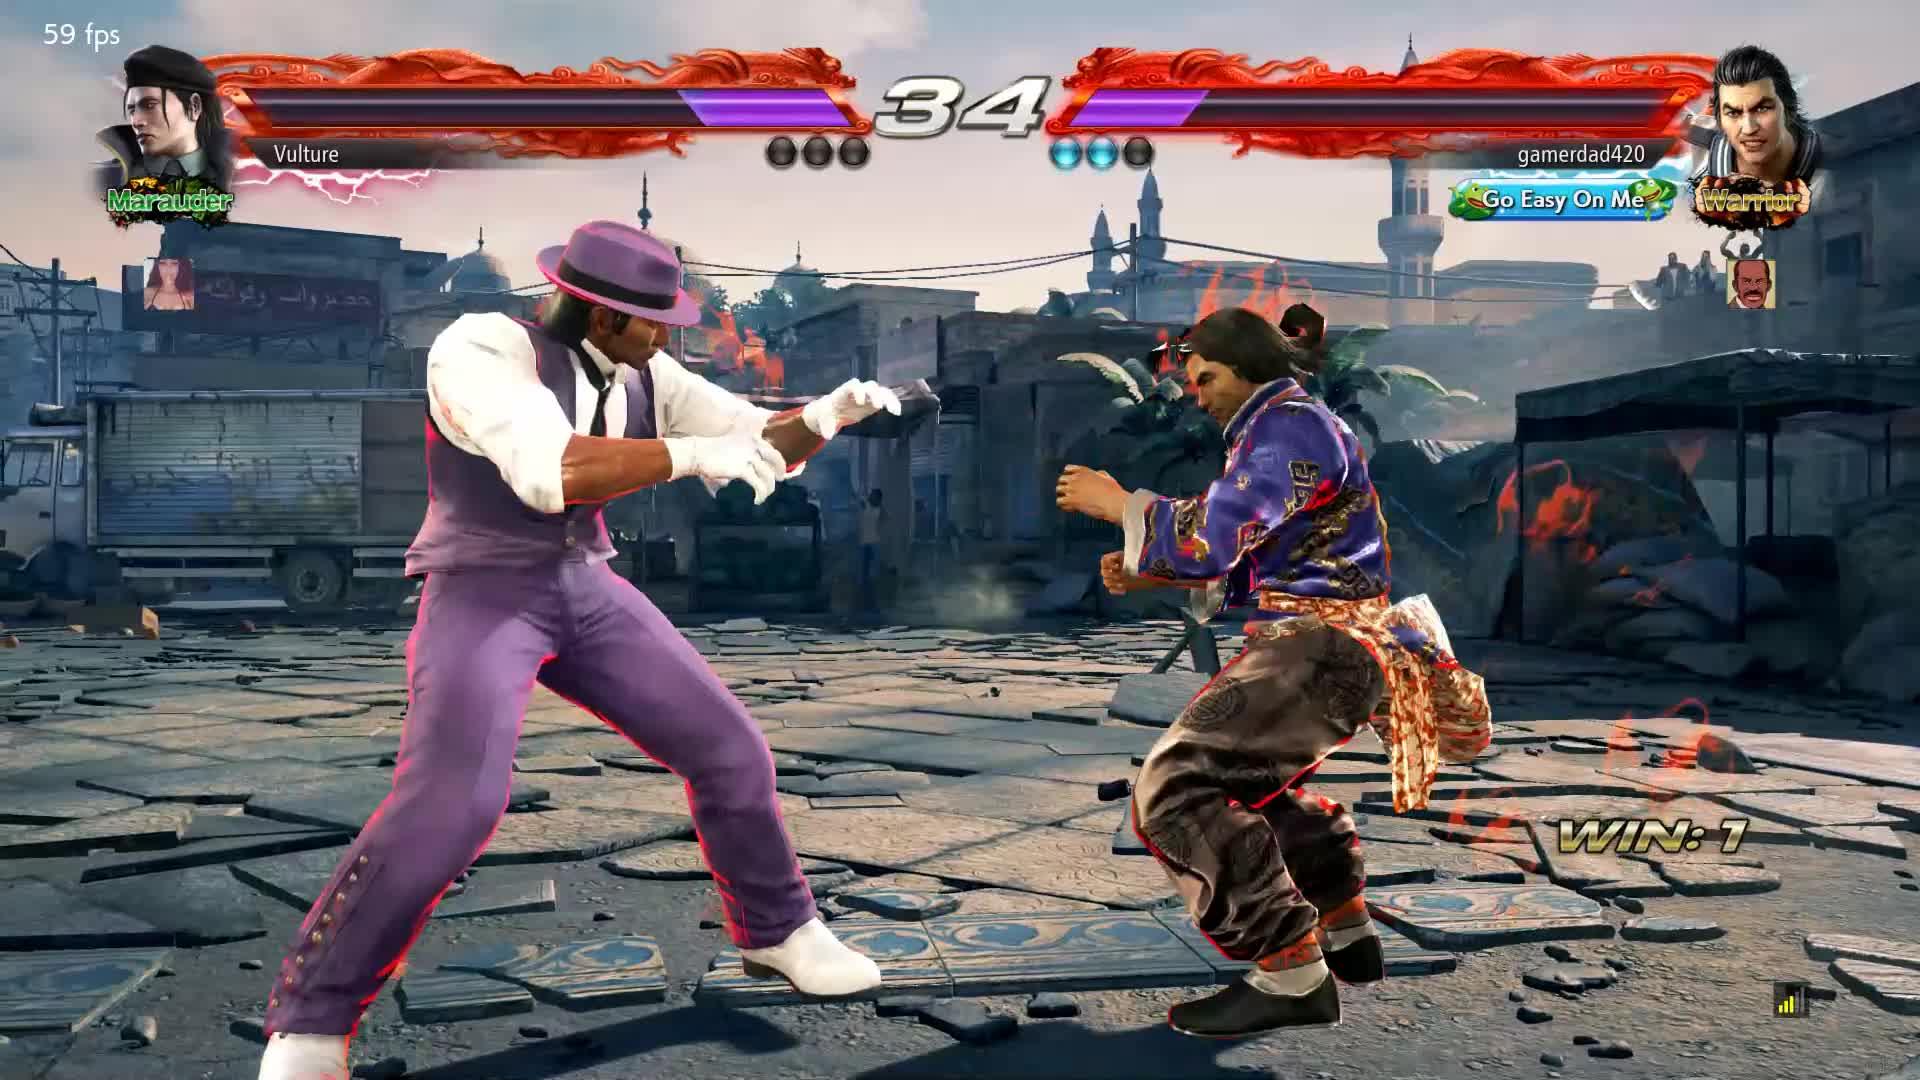 tekken, Tekken 7 2019.02.27 - 15.39.45.24.DVR Trim GIFs